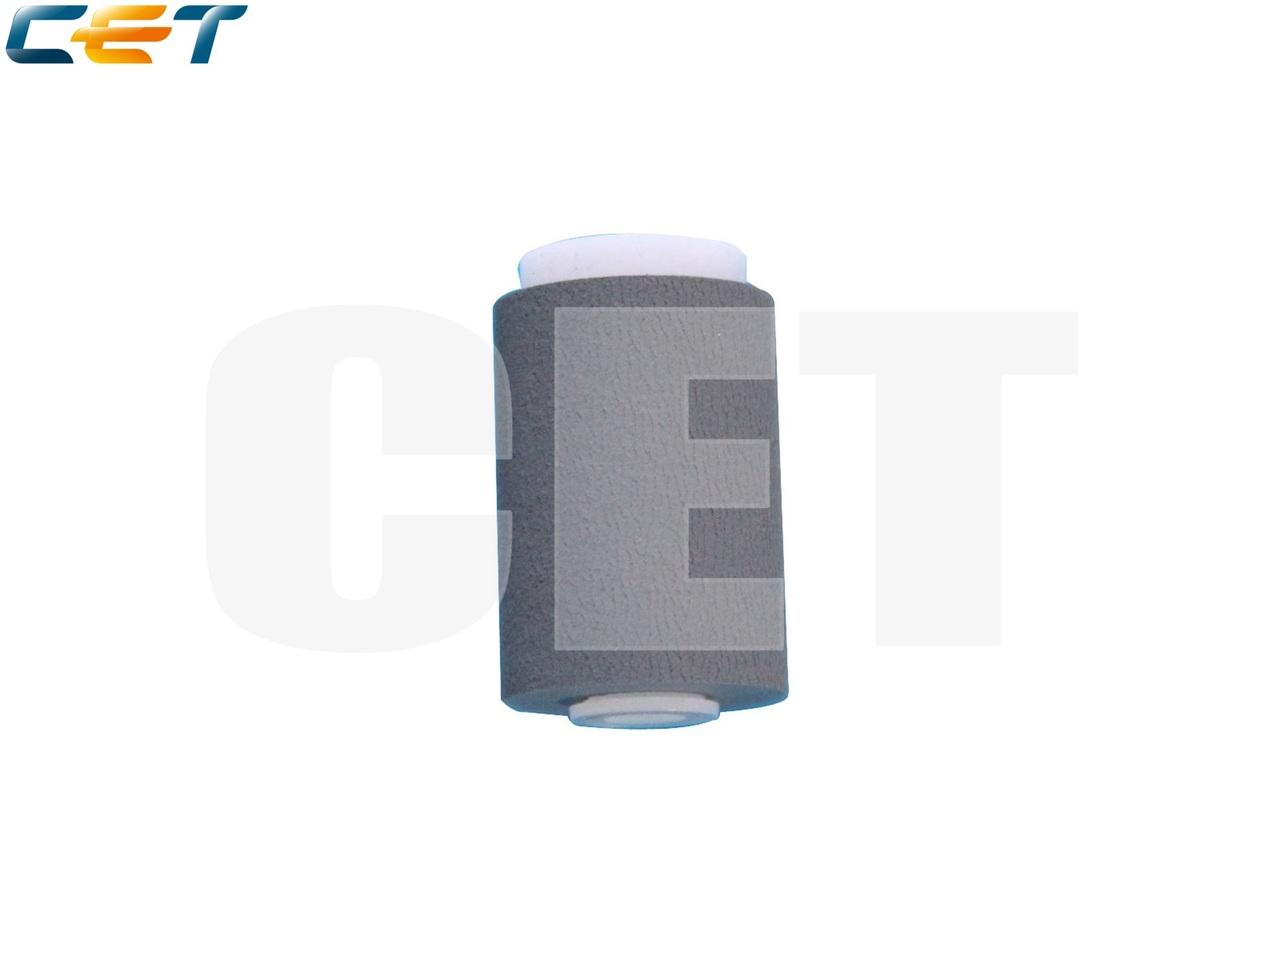 Ролик подачи ADF 3BR07040 для KYOCERA FS-1028/1128MFP(CET), CET6550, CET6550R